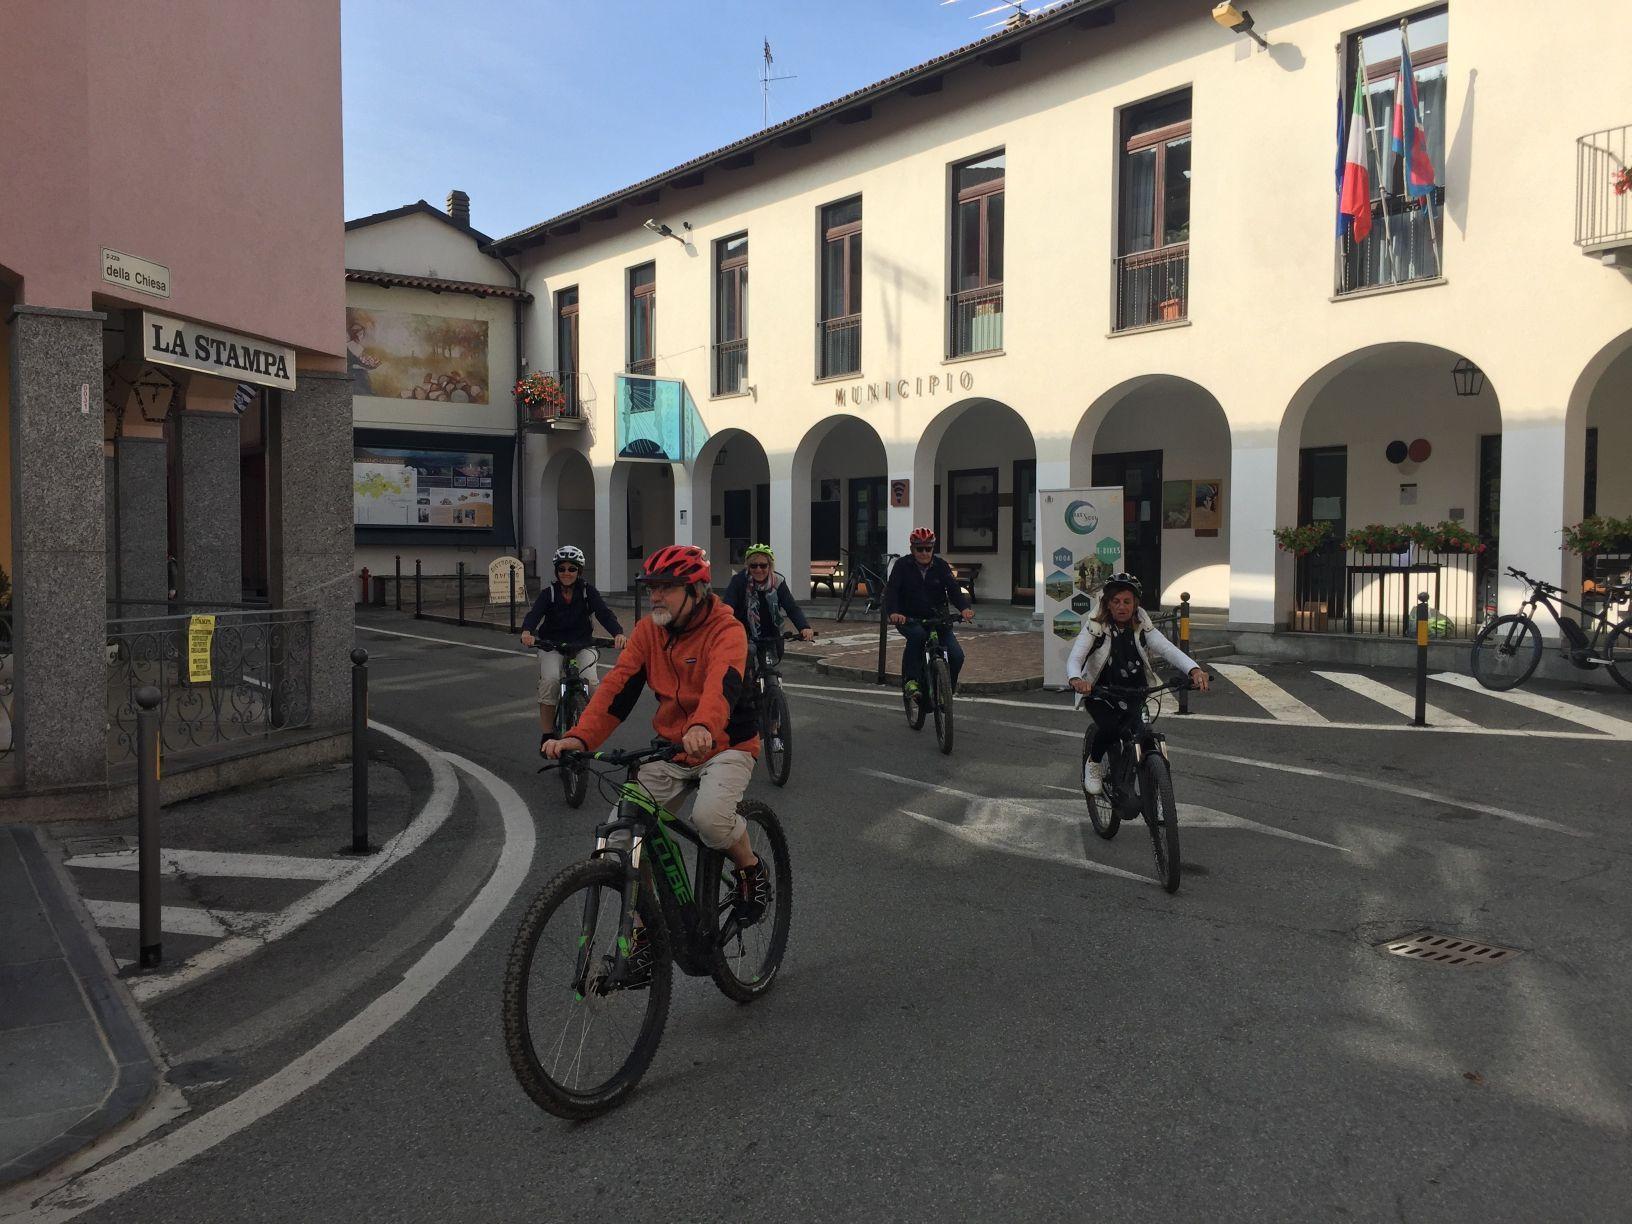 COSSANO - Scoprire un angolo di Canavese in sella alle e-bike